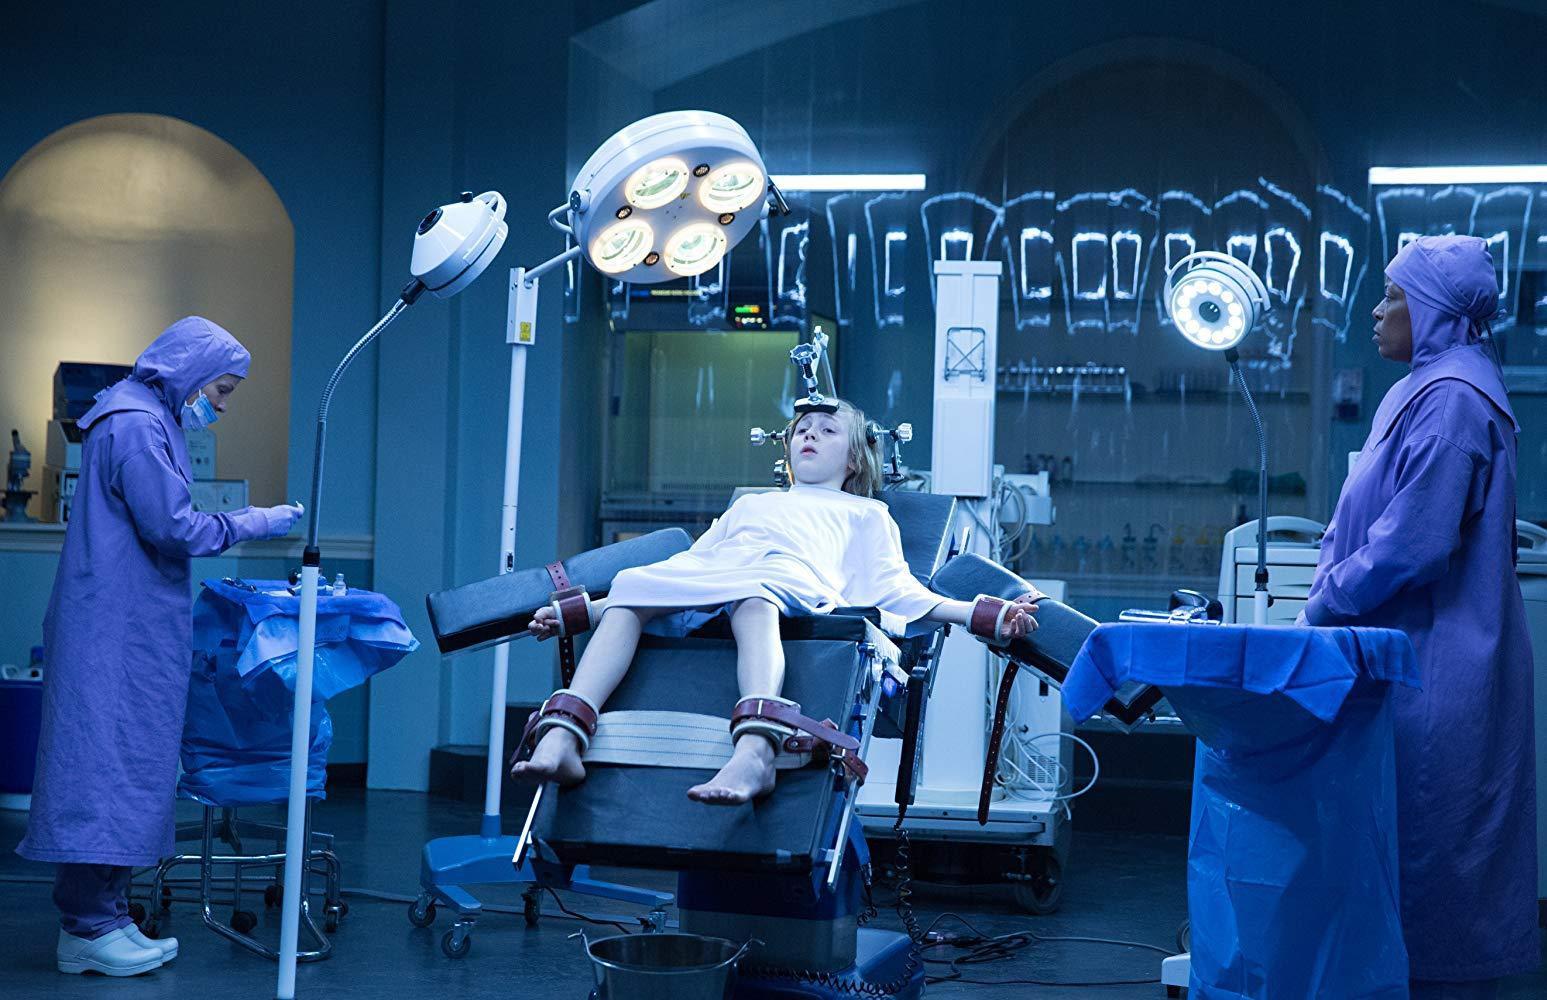 Review Eli: Sởn gai ốc vì phòng khám kinh dị, xem đến cuối để không bỏ lỡ cú twist sốc! - Ảnh 4.